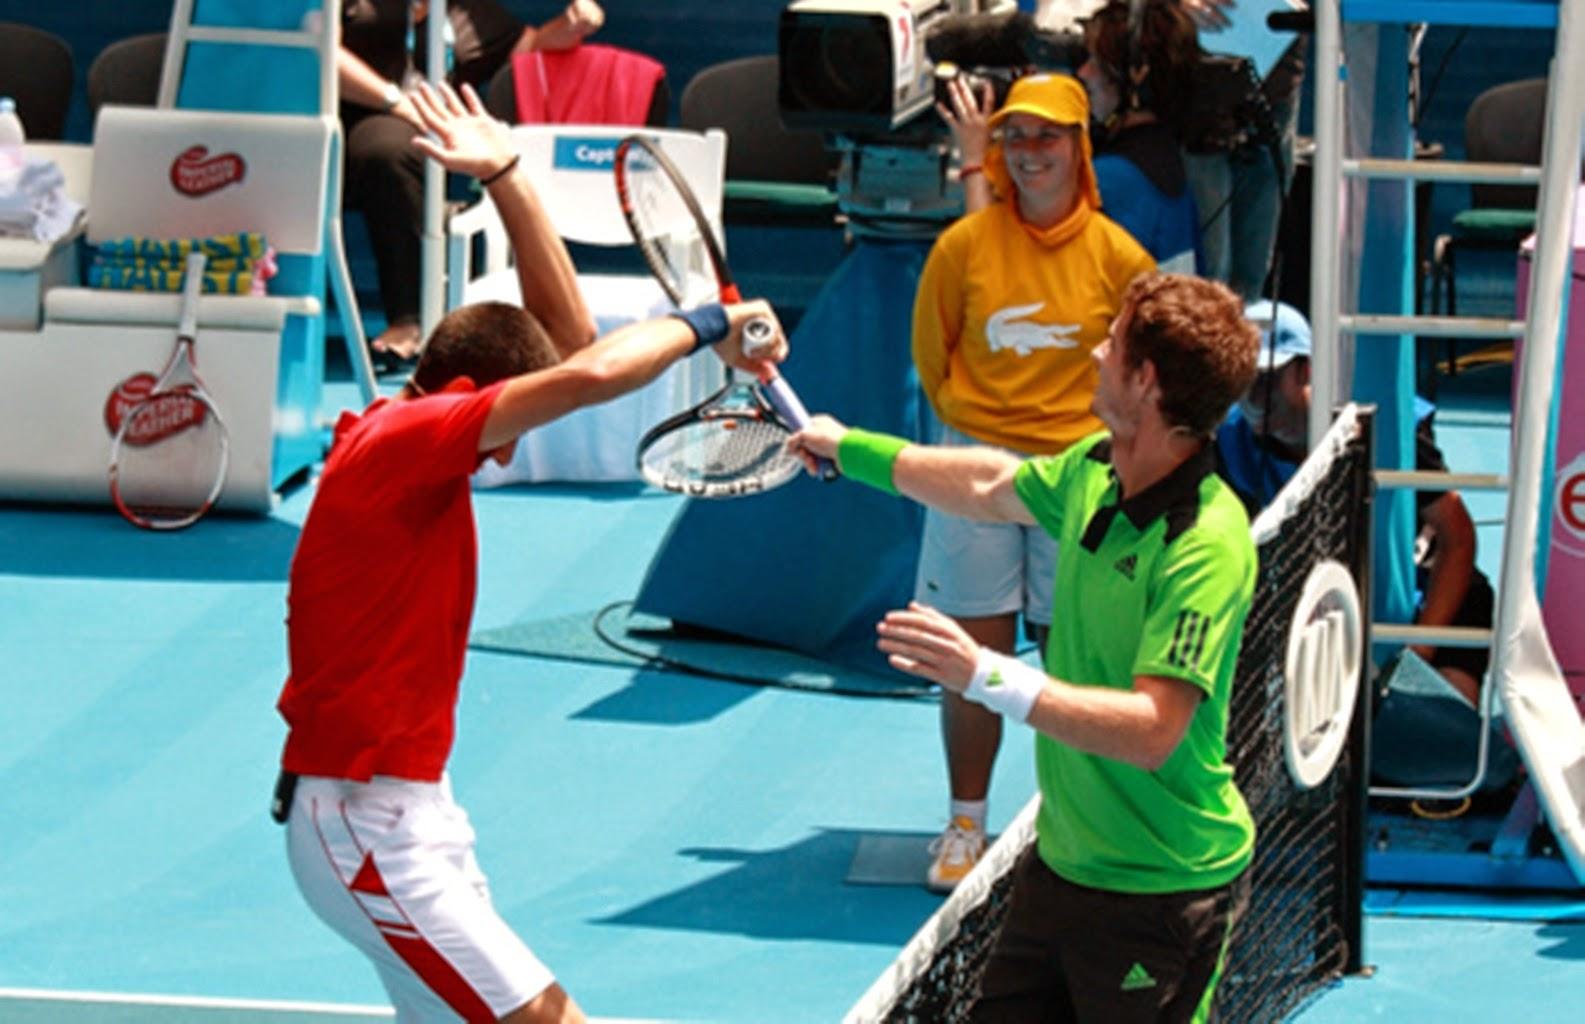 смијешна слика тенис битка новак ђоковић и енди муриј